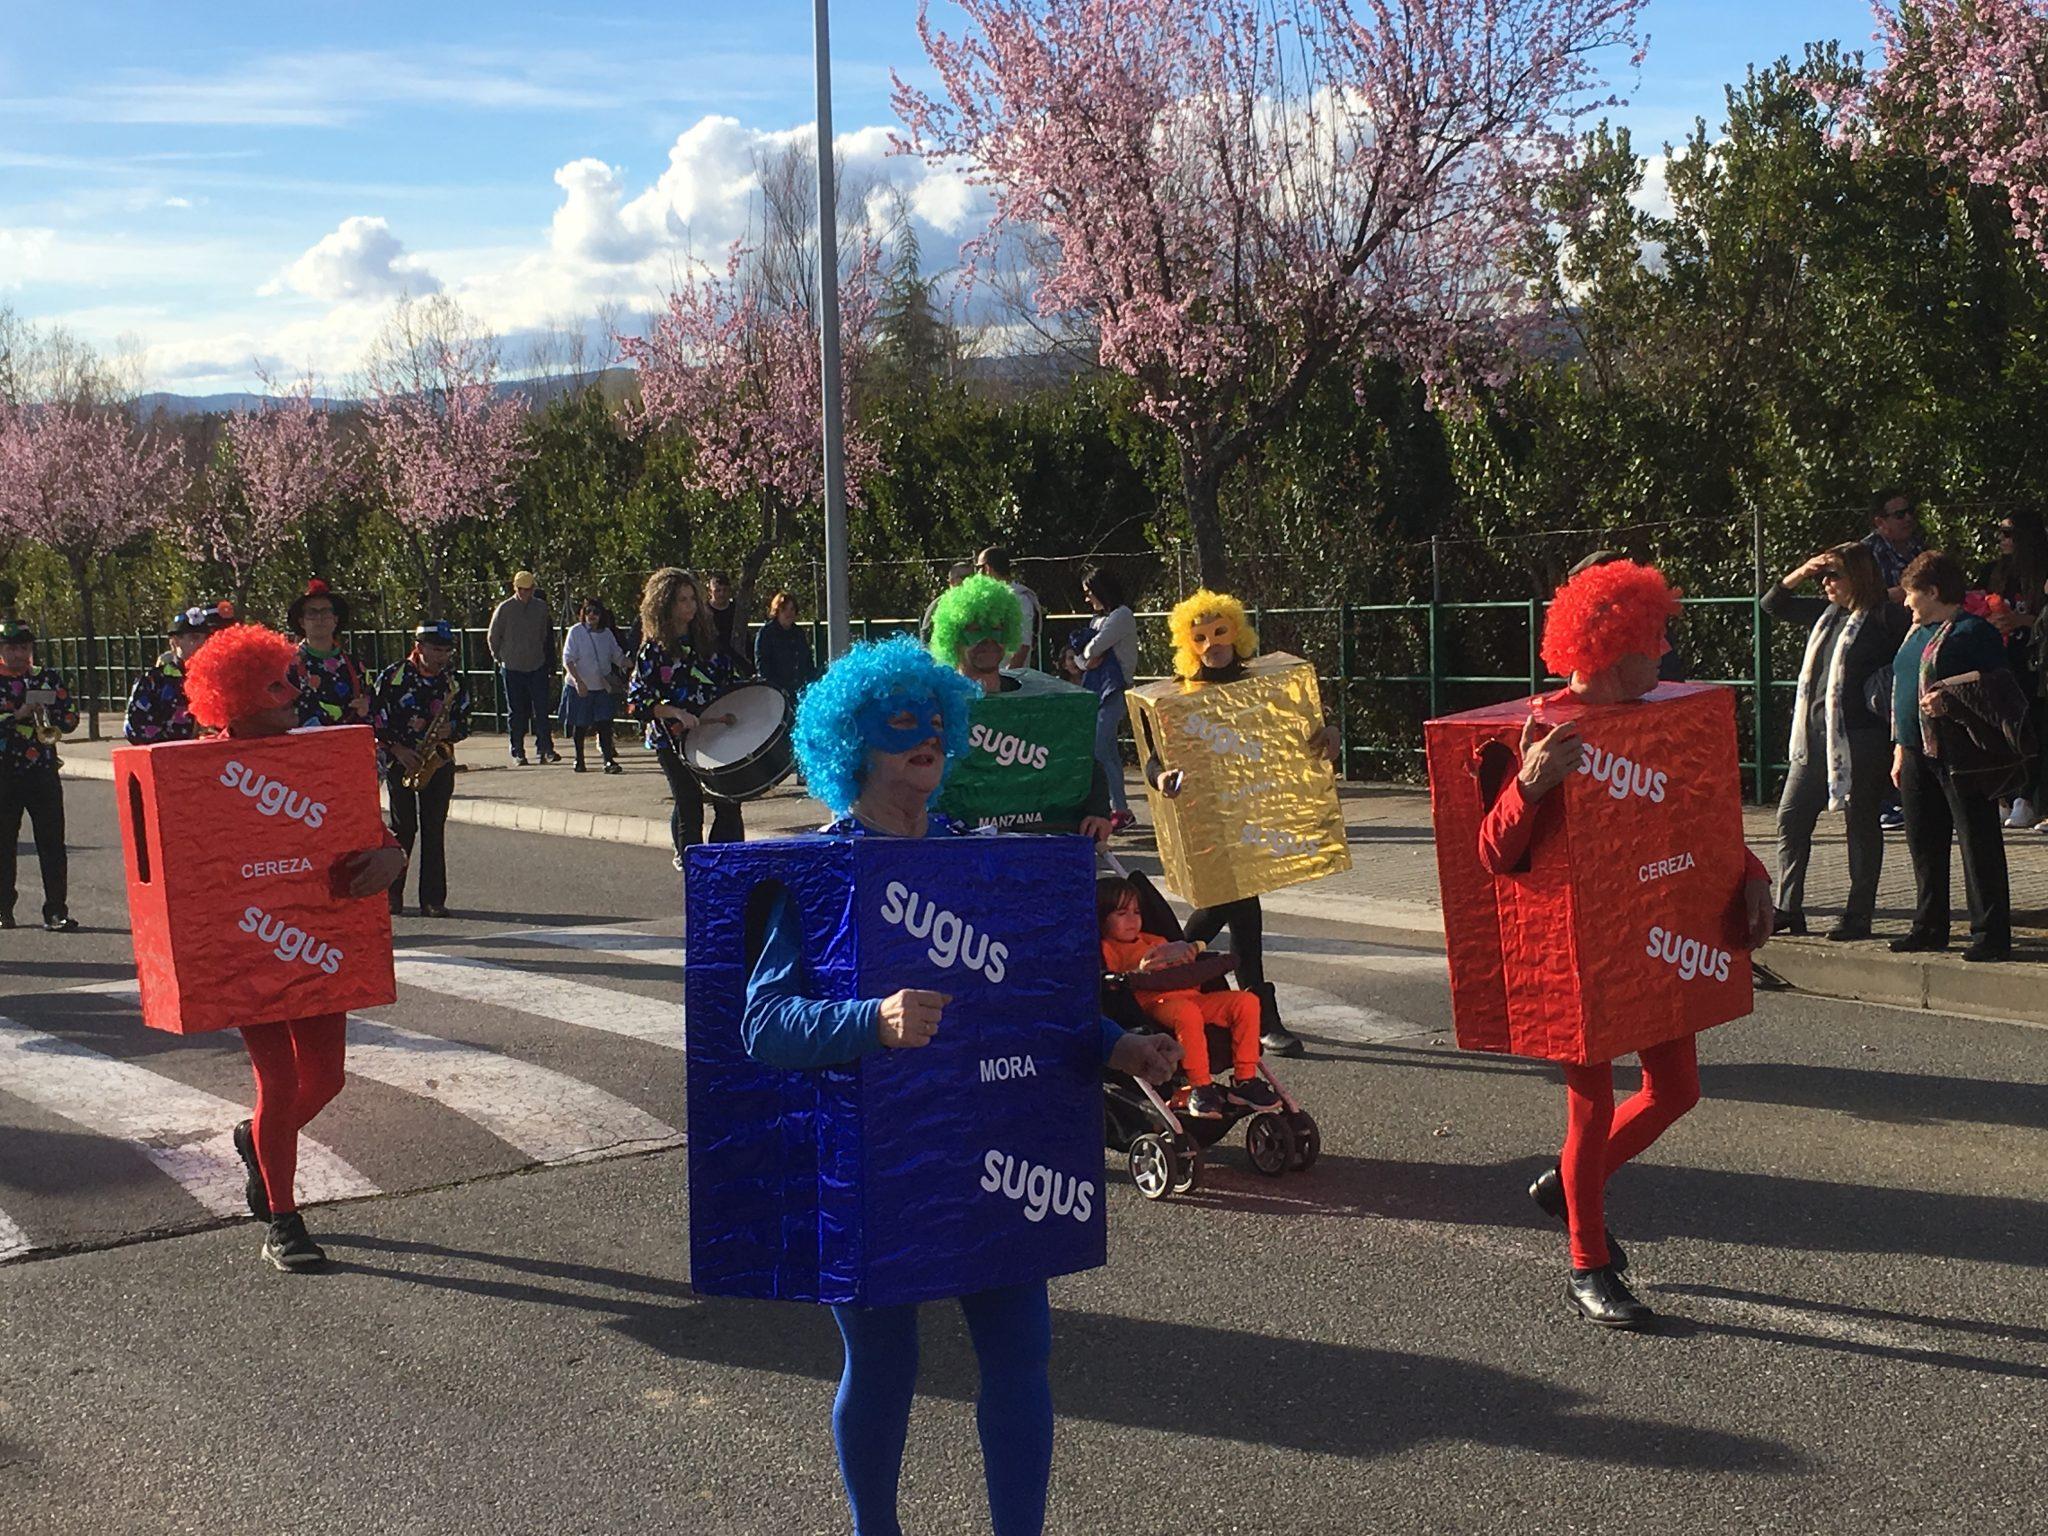 Desfile de Carnaval Cubillos del Sil 2019 - Álbum de fotos 21